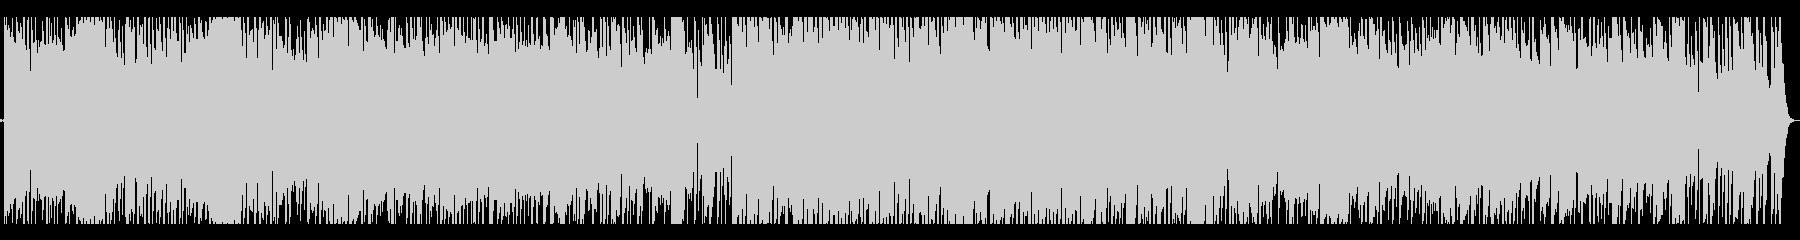 マイナーのラテン、チャチャチャの未再生の波形